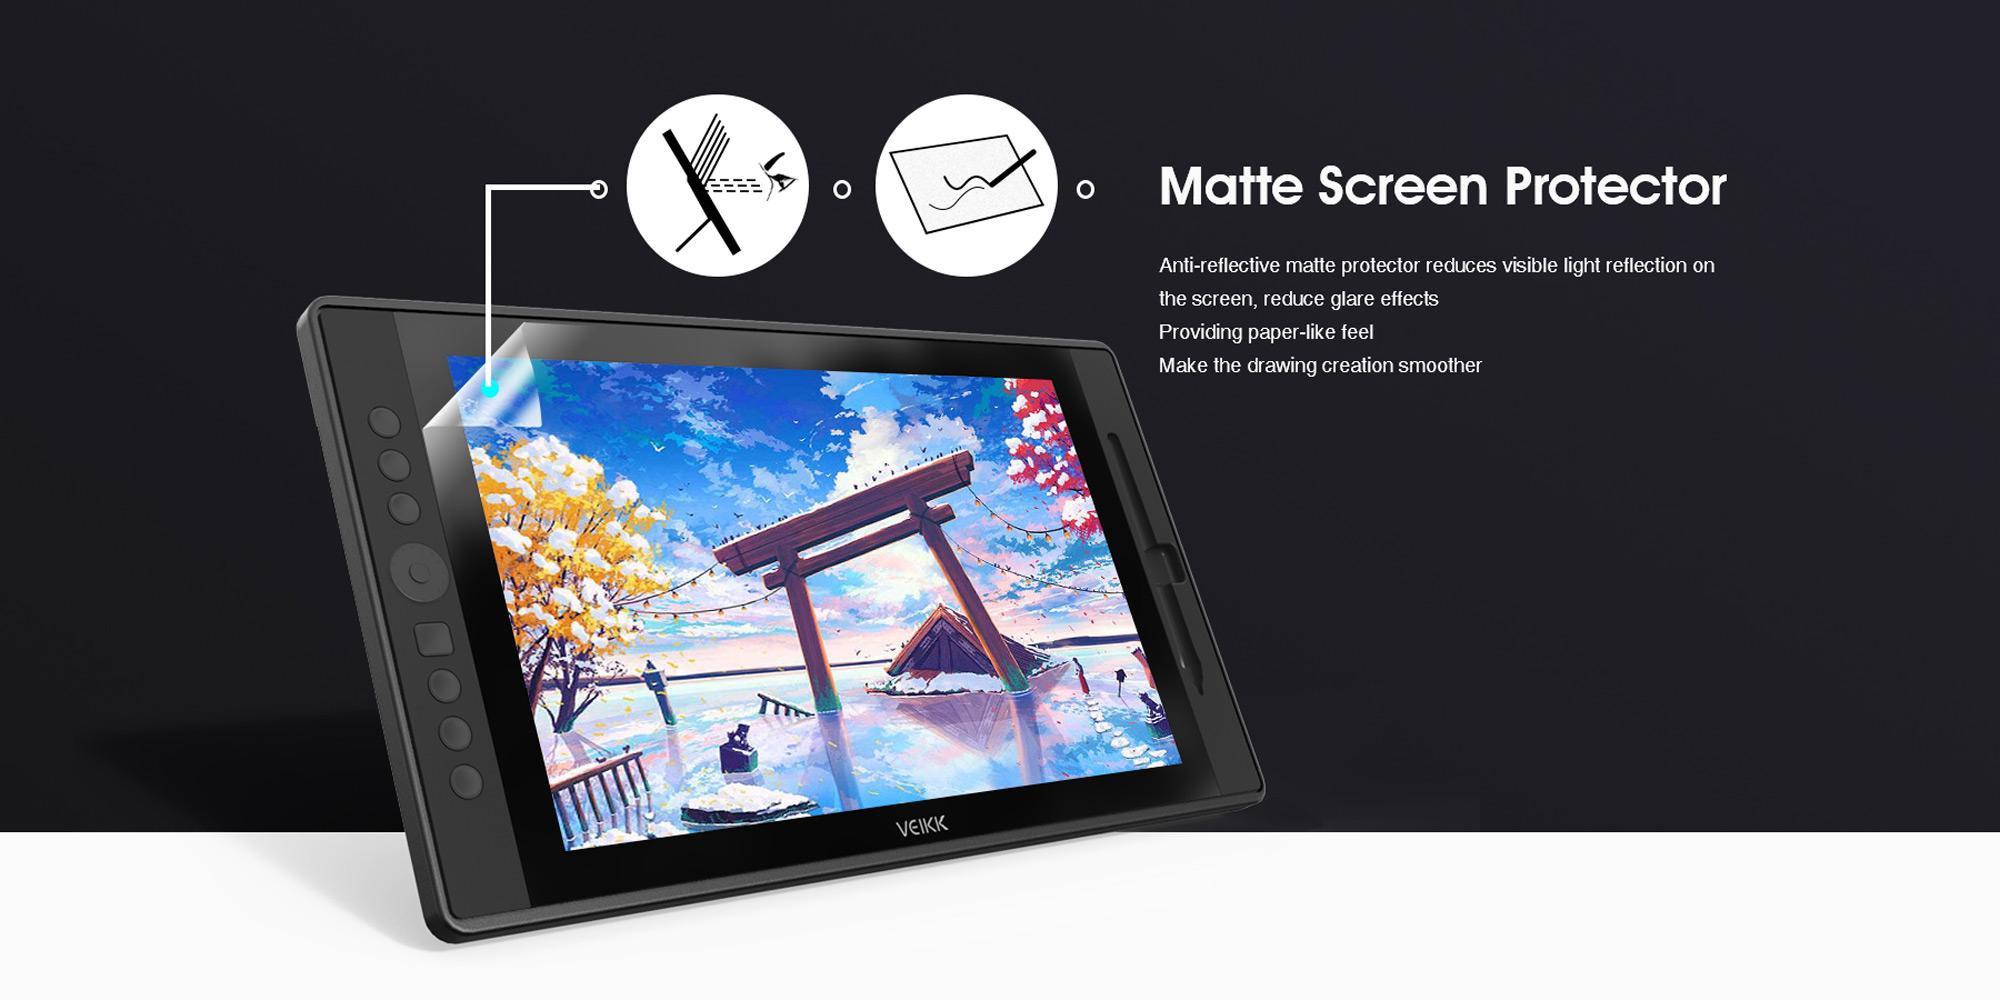 Grafika prezentująca powłokę ochronną ekranu LCD tabletu graficznego Veikk VK1560